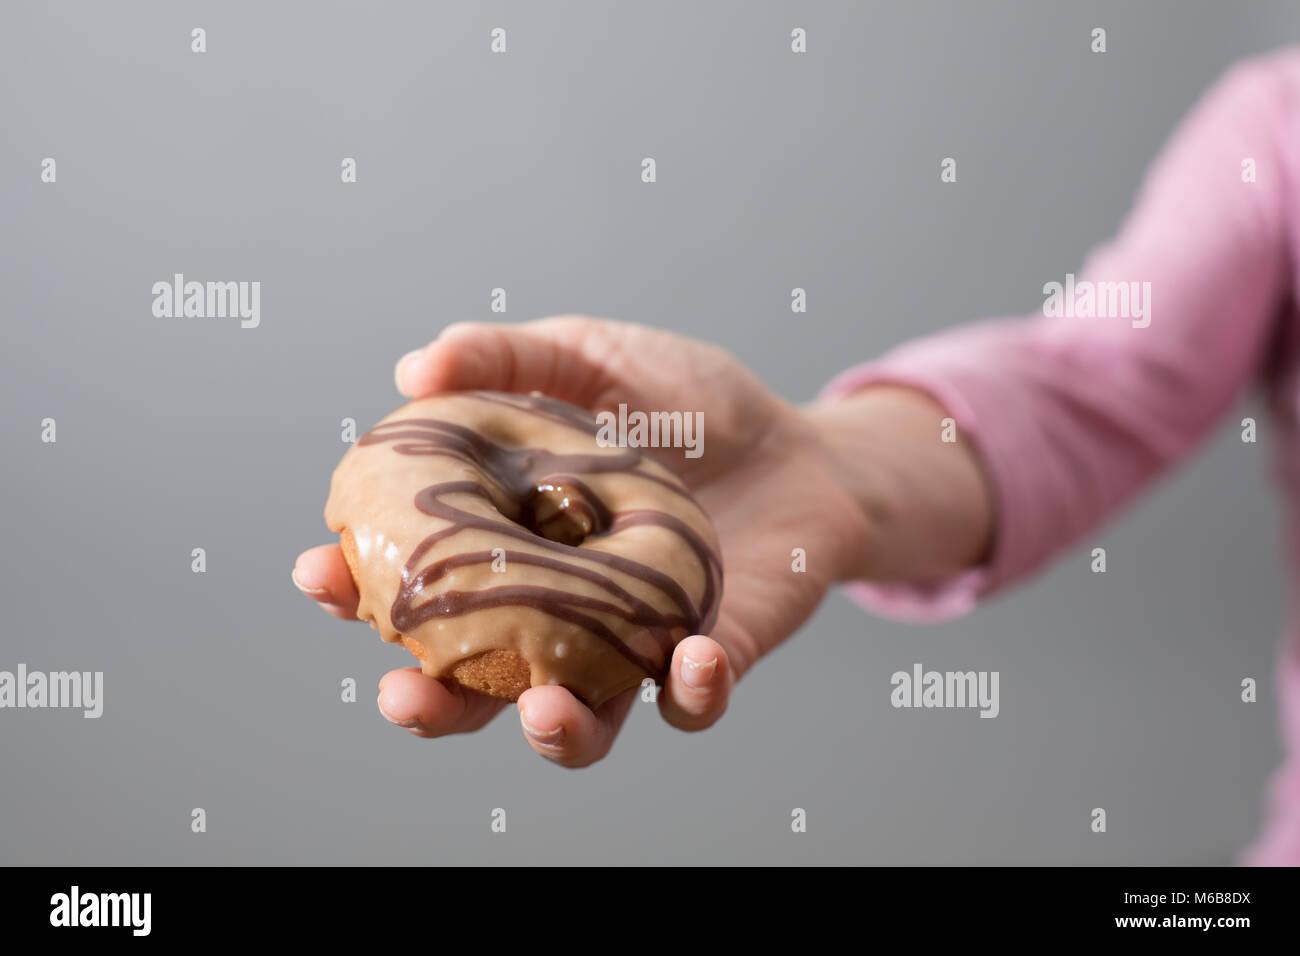 Une main féminine offrant un beigne sur un fond gris transparent Photo Stock